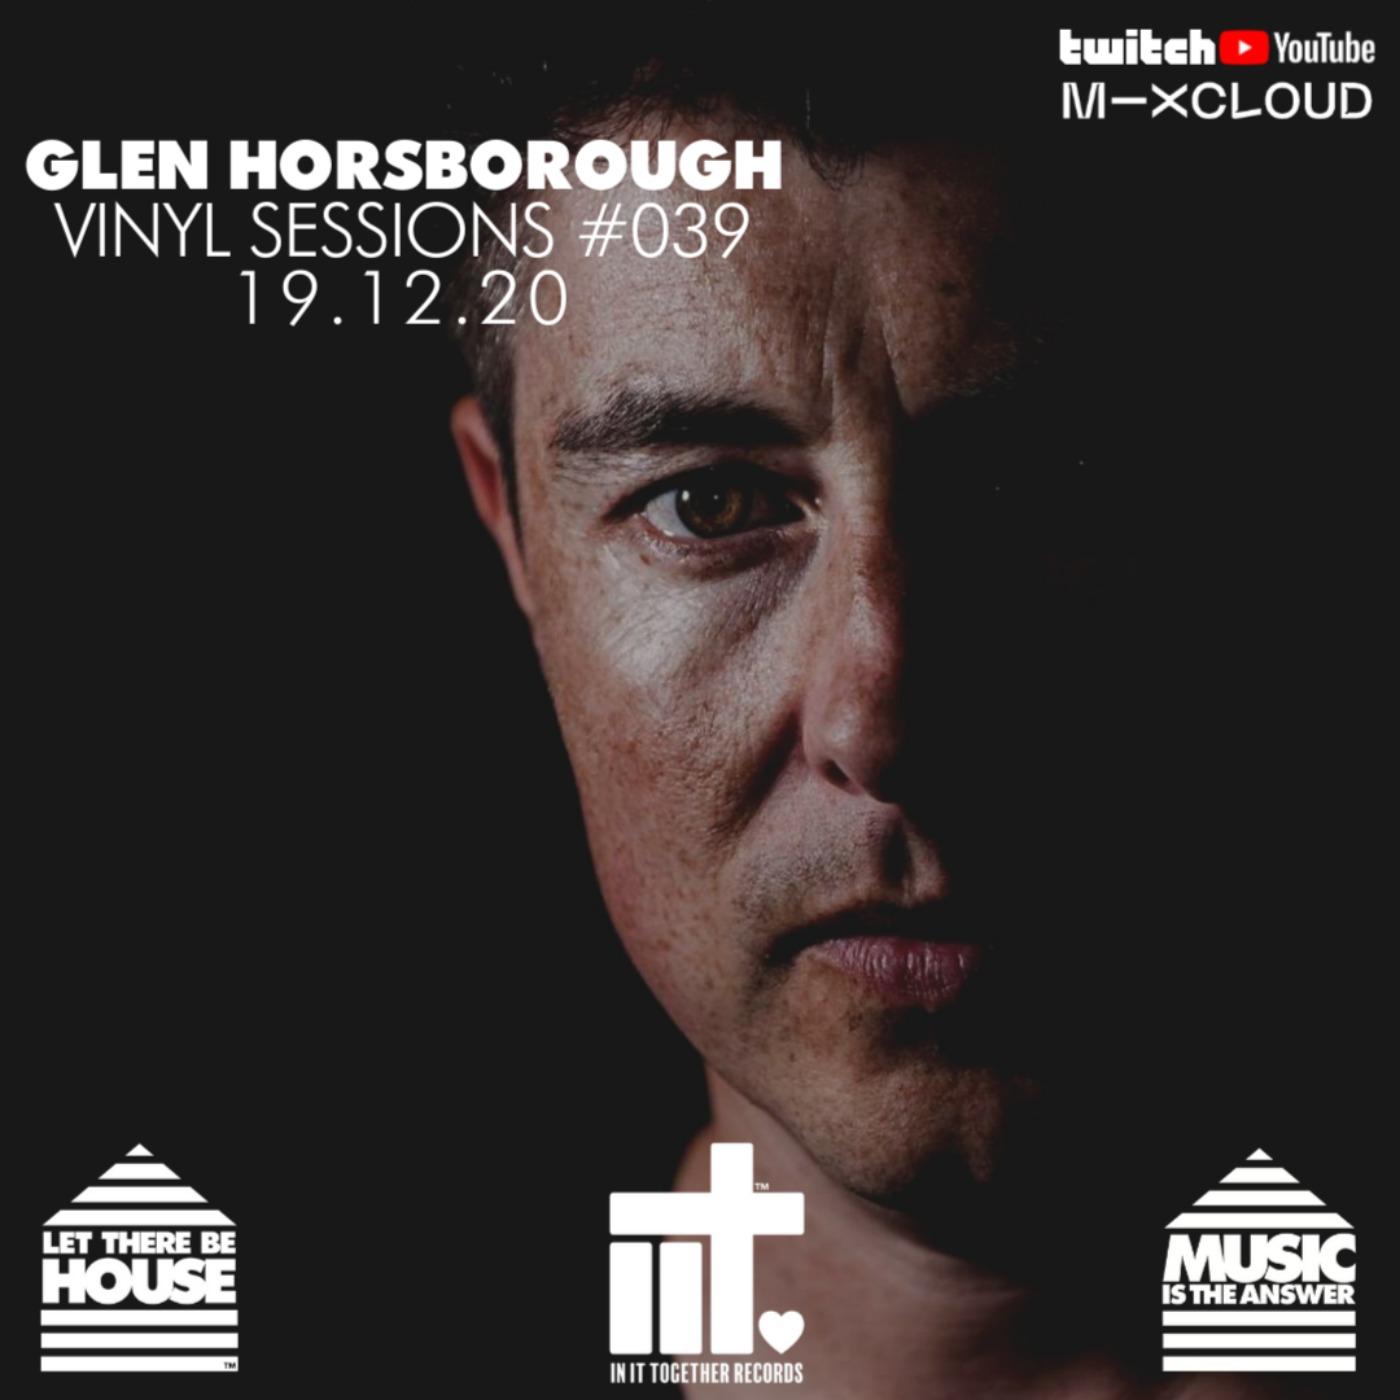 Glen Horsborough Vinyl Sessions #039